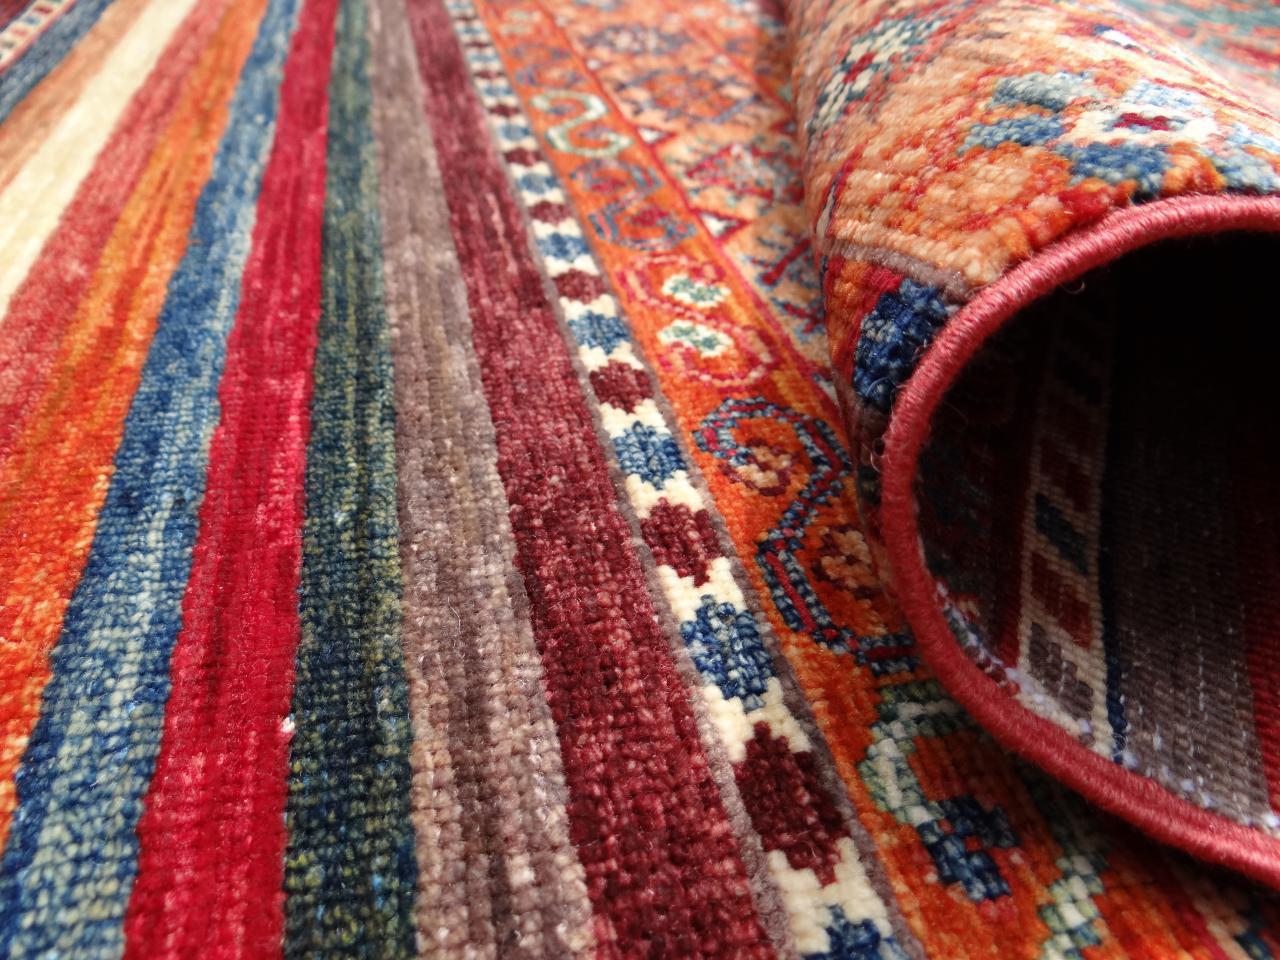 Ghaznavi etnische tapijten n 33806 296x211cm - Etnische pouf ...